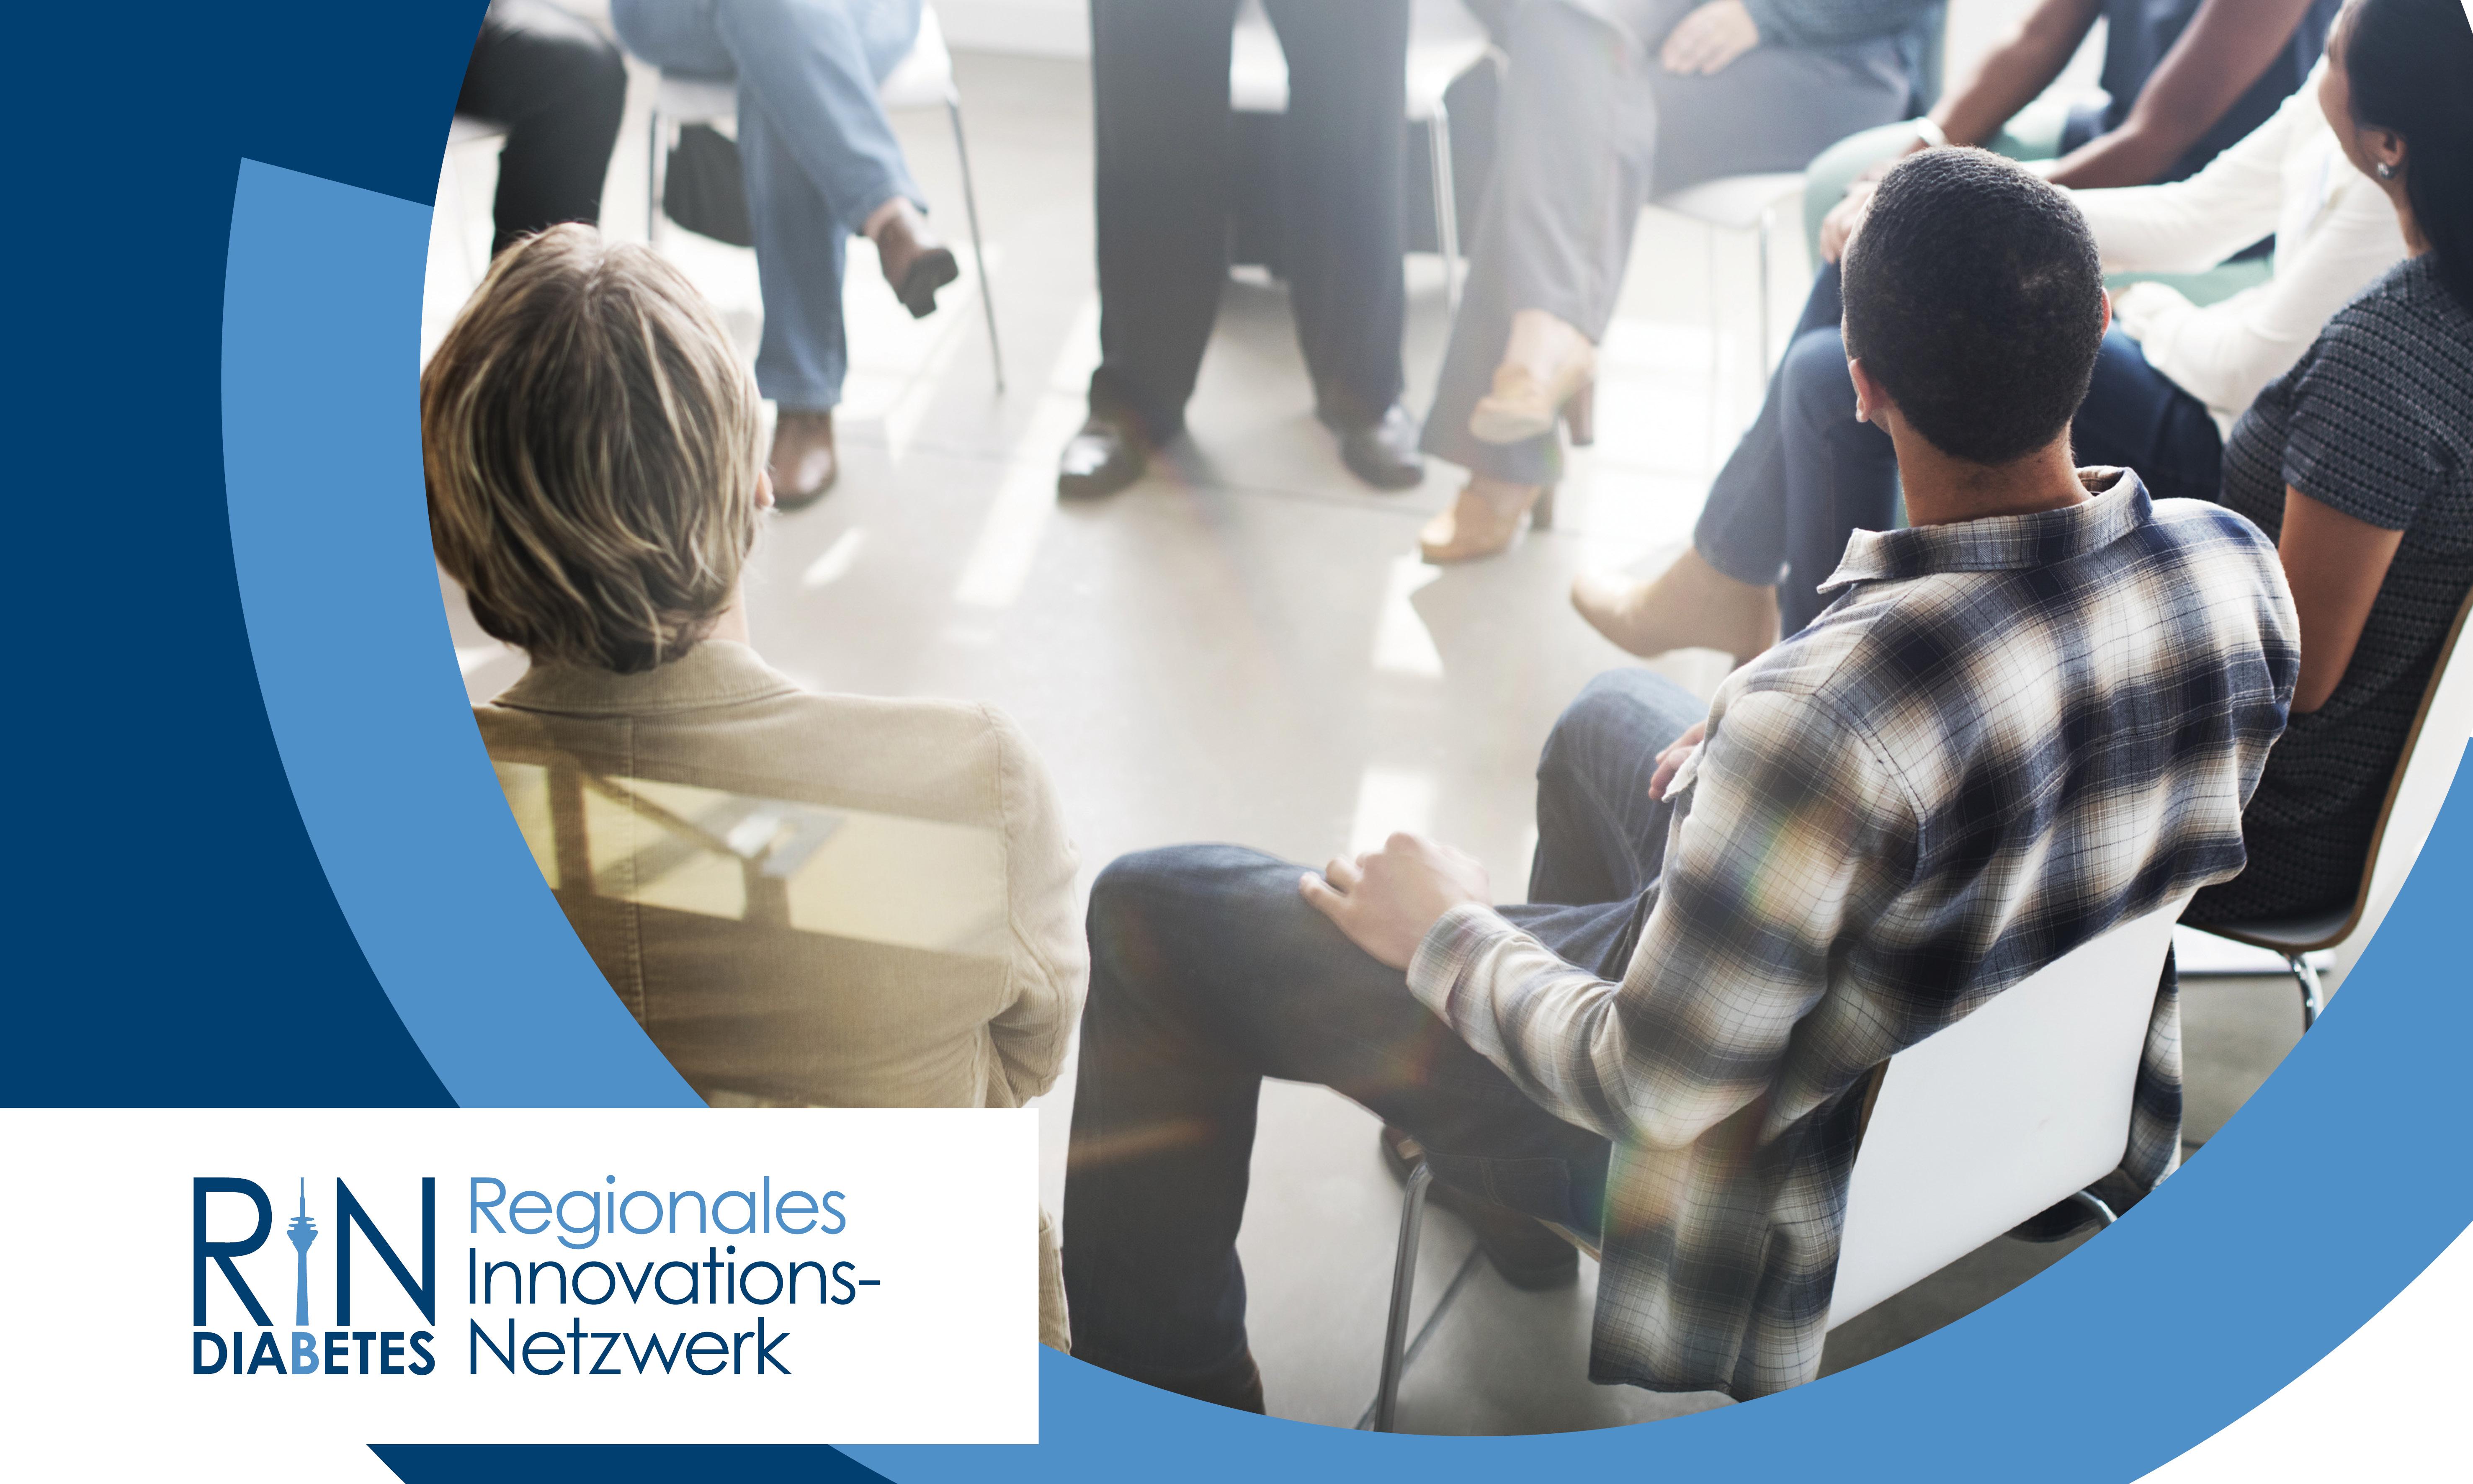 Mehrere Menschen sitzen in einem Stuhlkreis zusammen und hören einer stehenden Person zu. In der unteren linken Ecke des Bildes ist das Logo des Regionalen Innovations-Netzwerk (RIN) Diabetes platziert